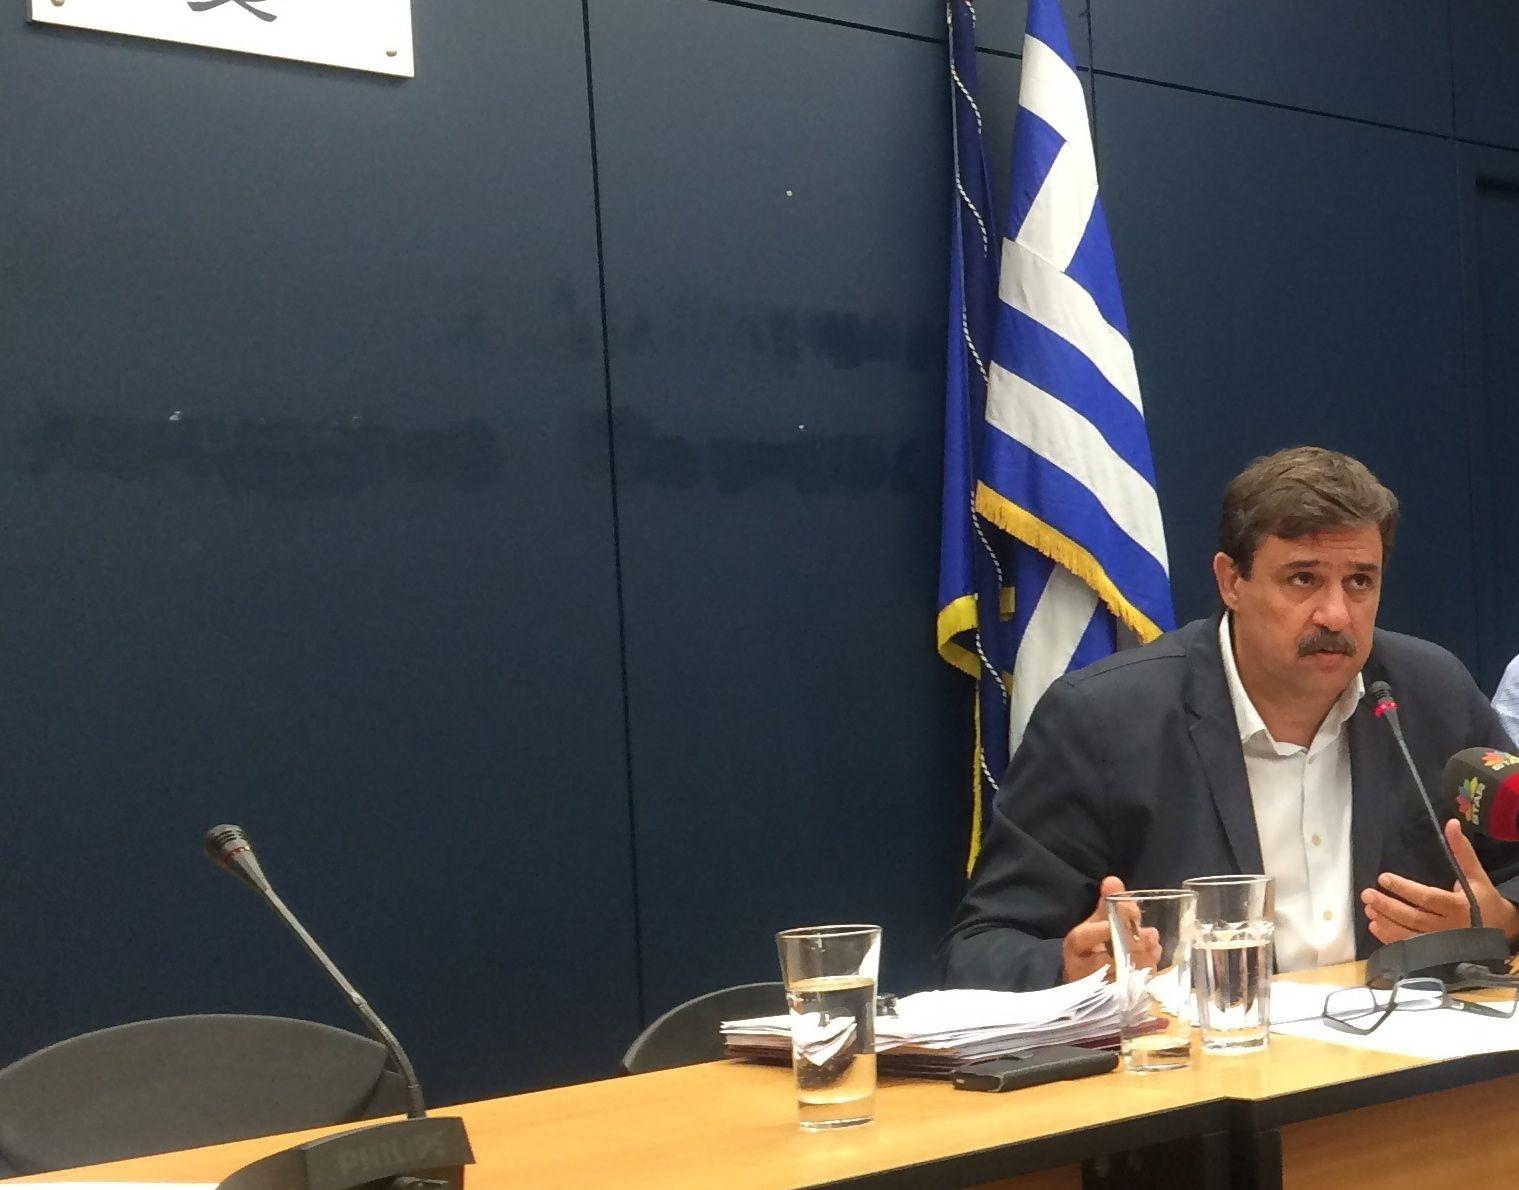 Ο Α. Ξανθός παρουσίασε τον σχεδιασμό για την ψυχιατρική μεταρρύθμιση